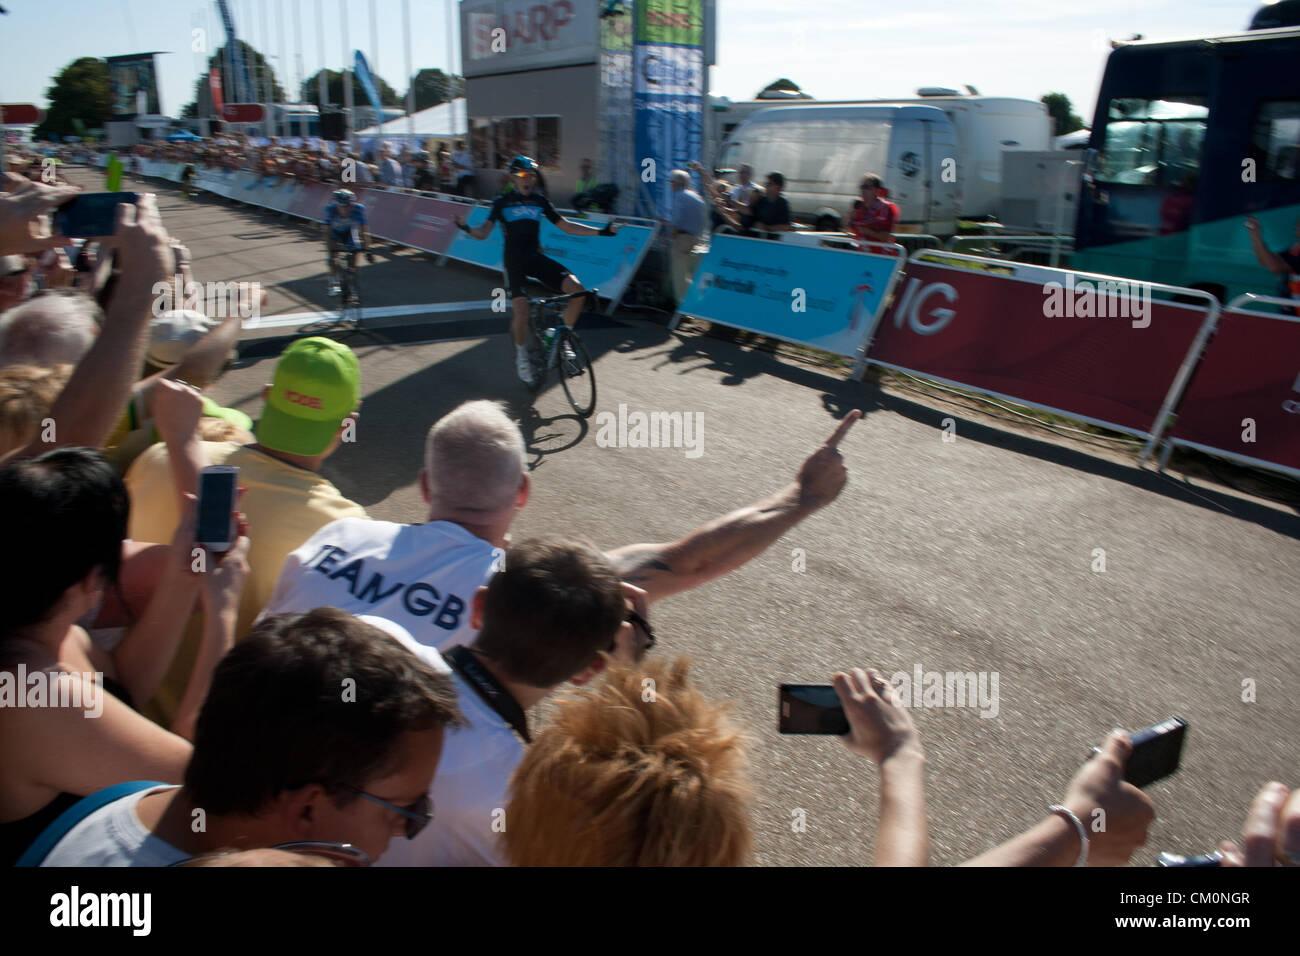 Norwich, Norfolk, Royaume-Uni. 9 Septembre, 2012. Luke Rowe de l'équipe Sky fait une première victoire Photo Stock